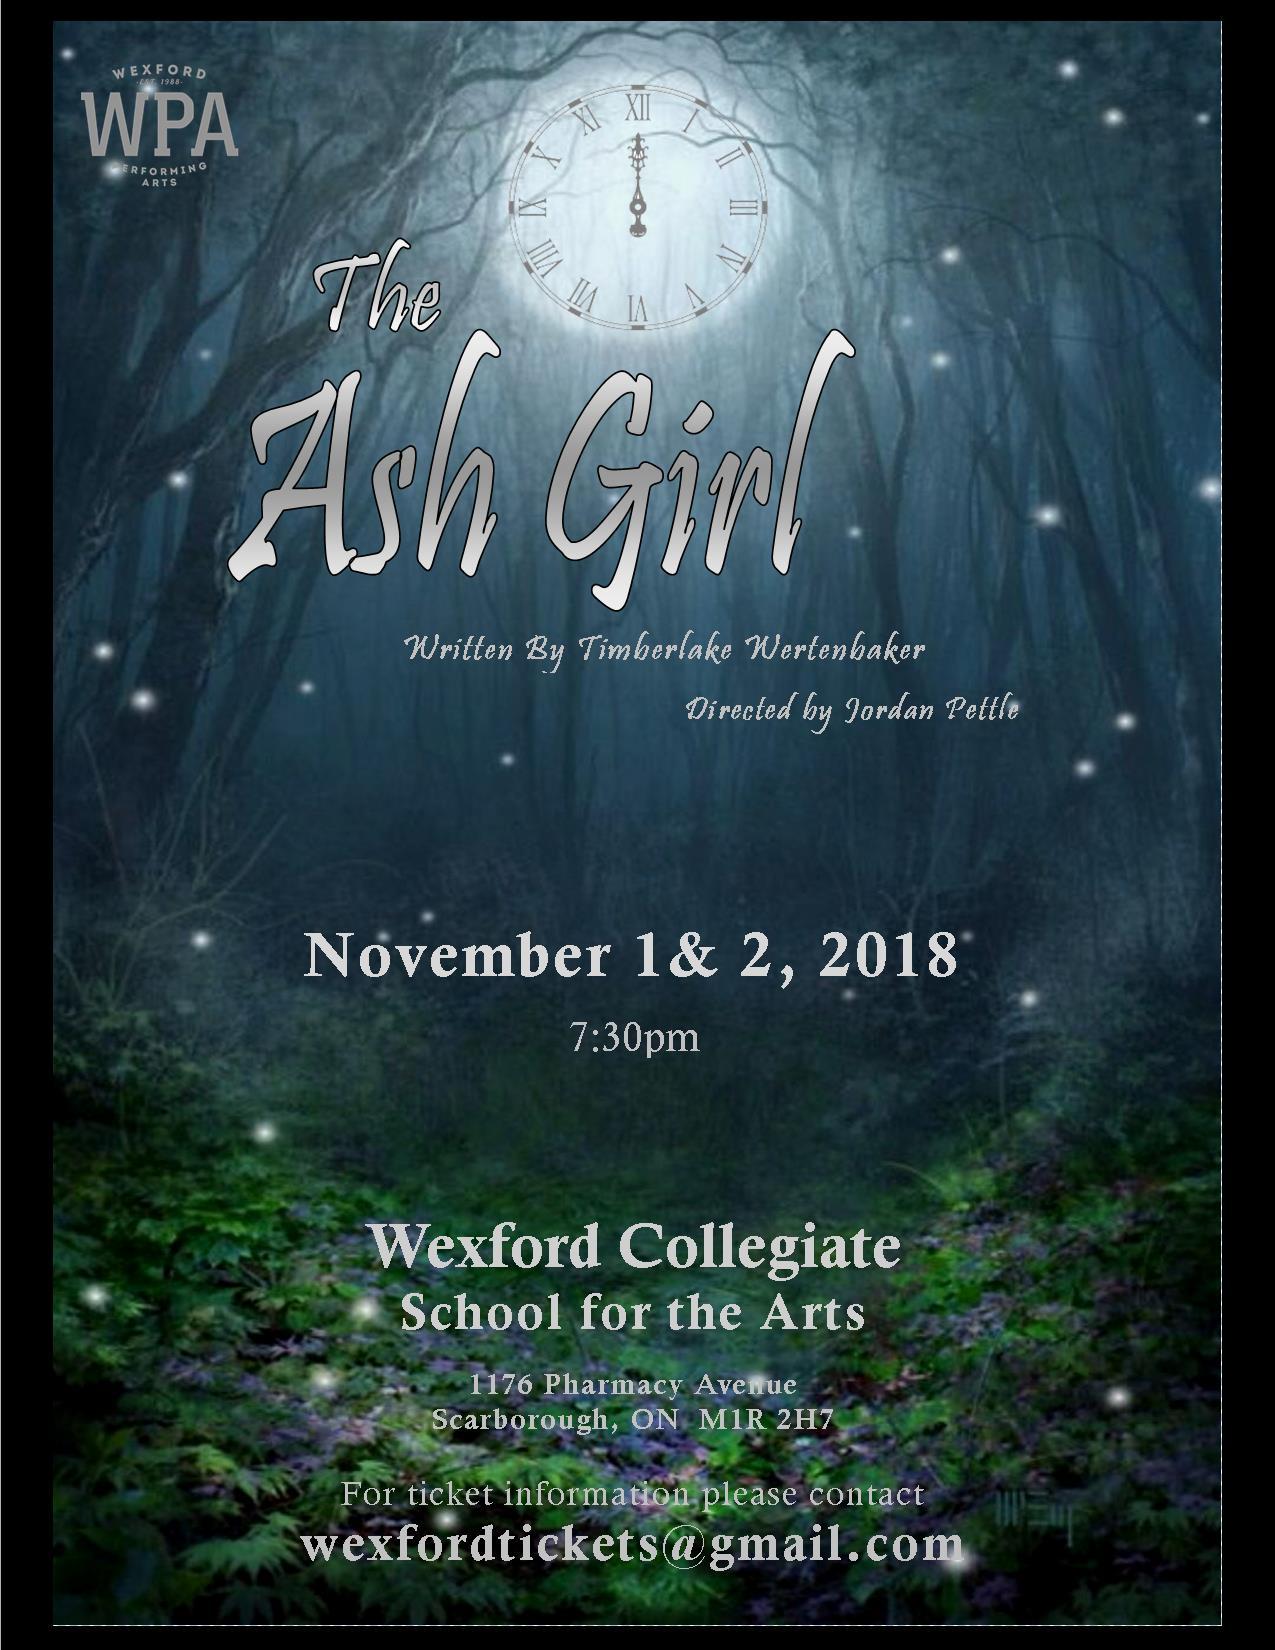 The Ash Girl Poster.jpg